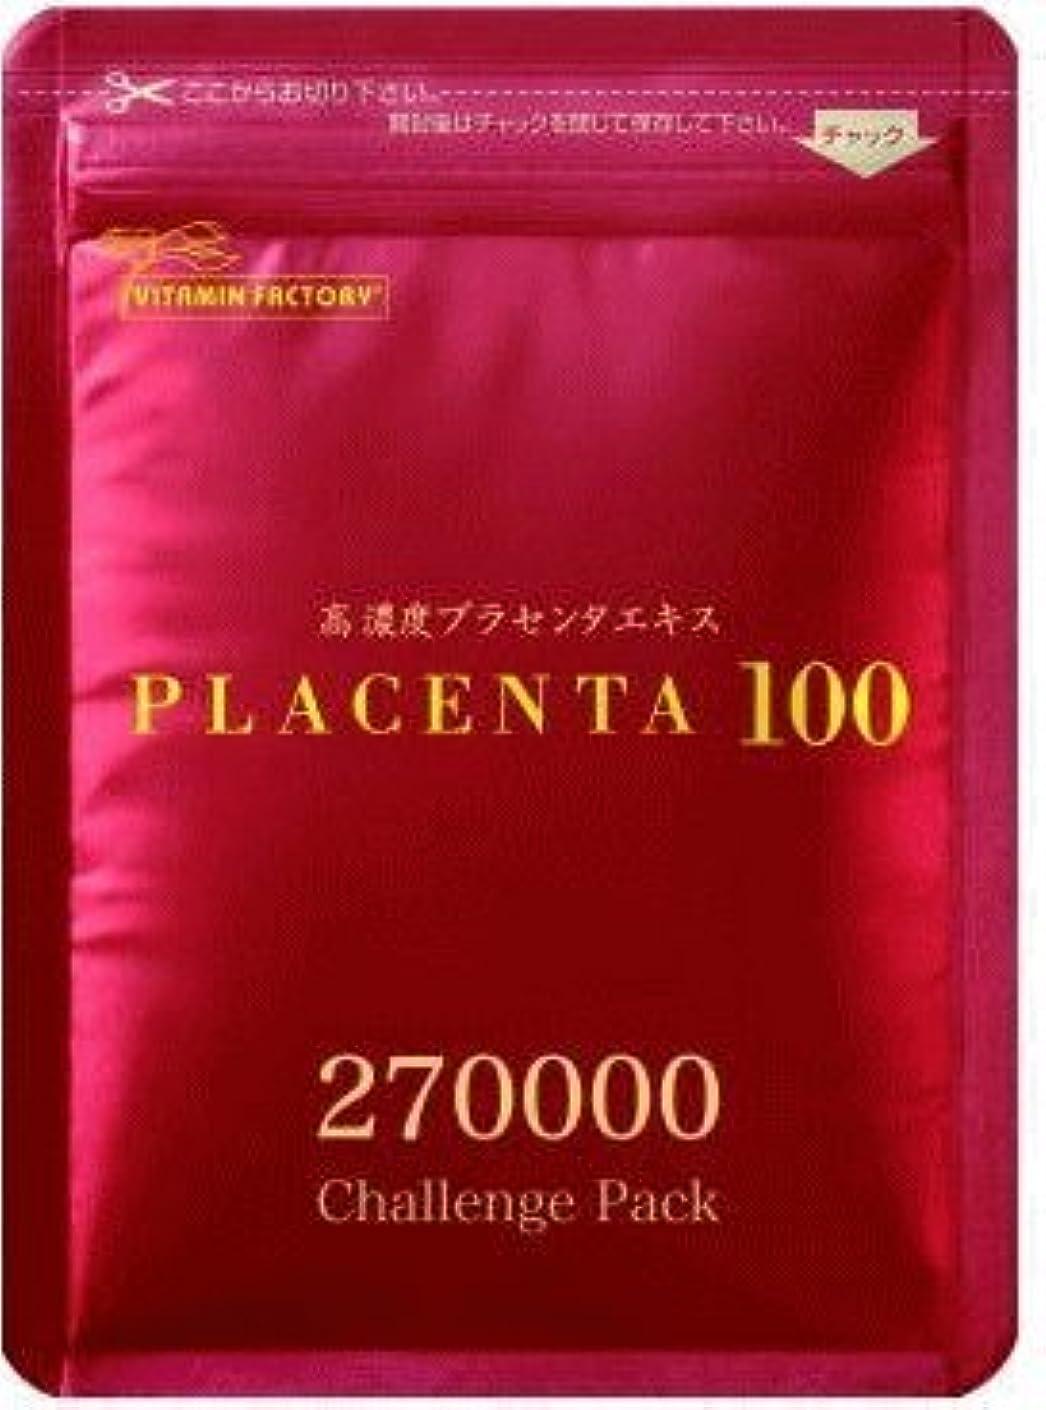 滅びる初期のプレートプラセンタ100 30粒 R&Y  270000チャレンジパック